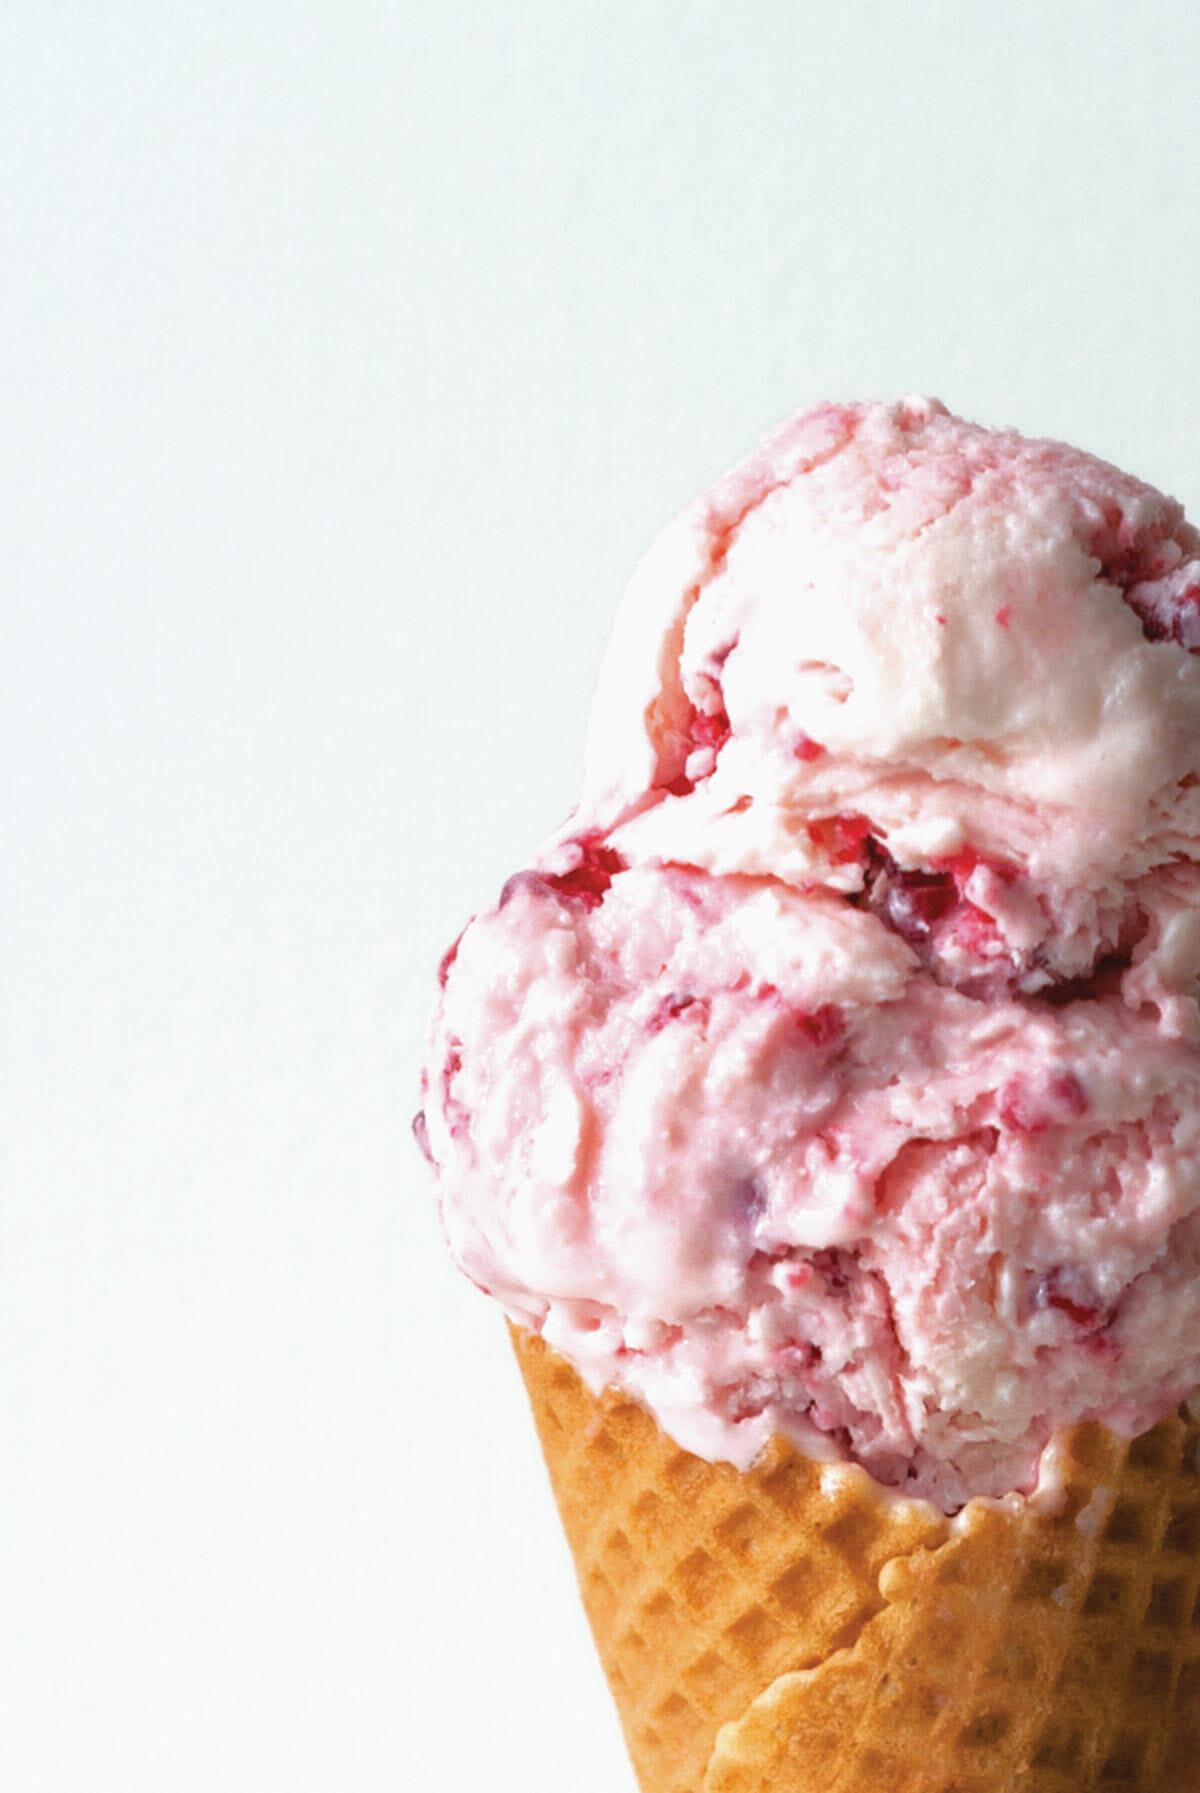 Glace yaourt framboise | Lilie Bakery